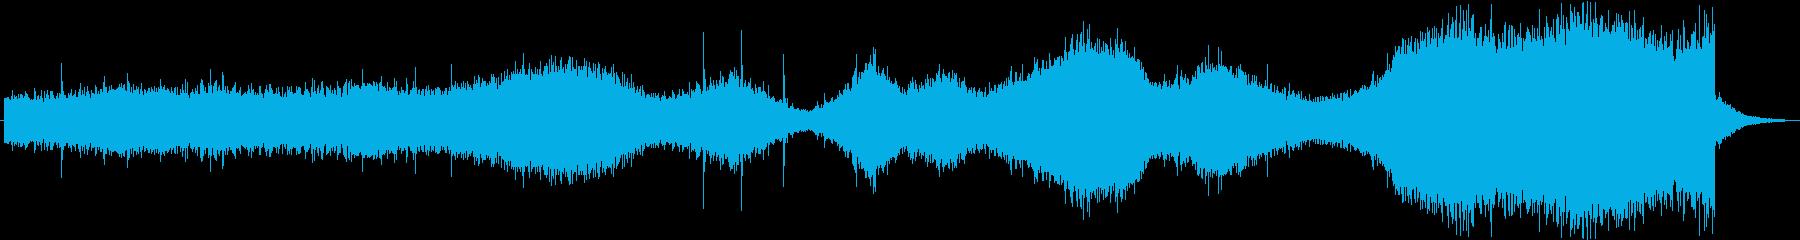 天気 雨03の再生済みの波形